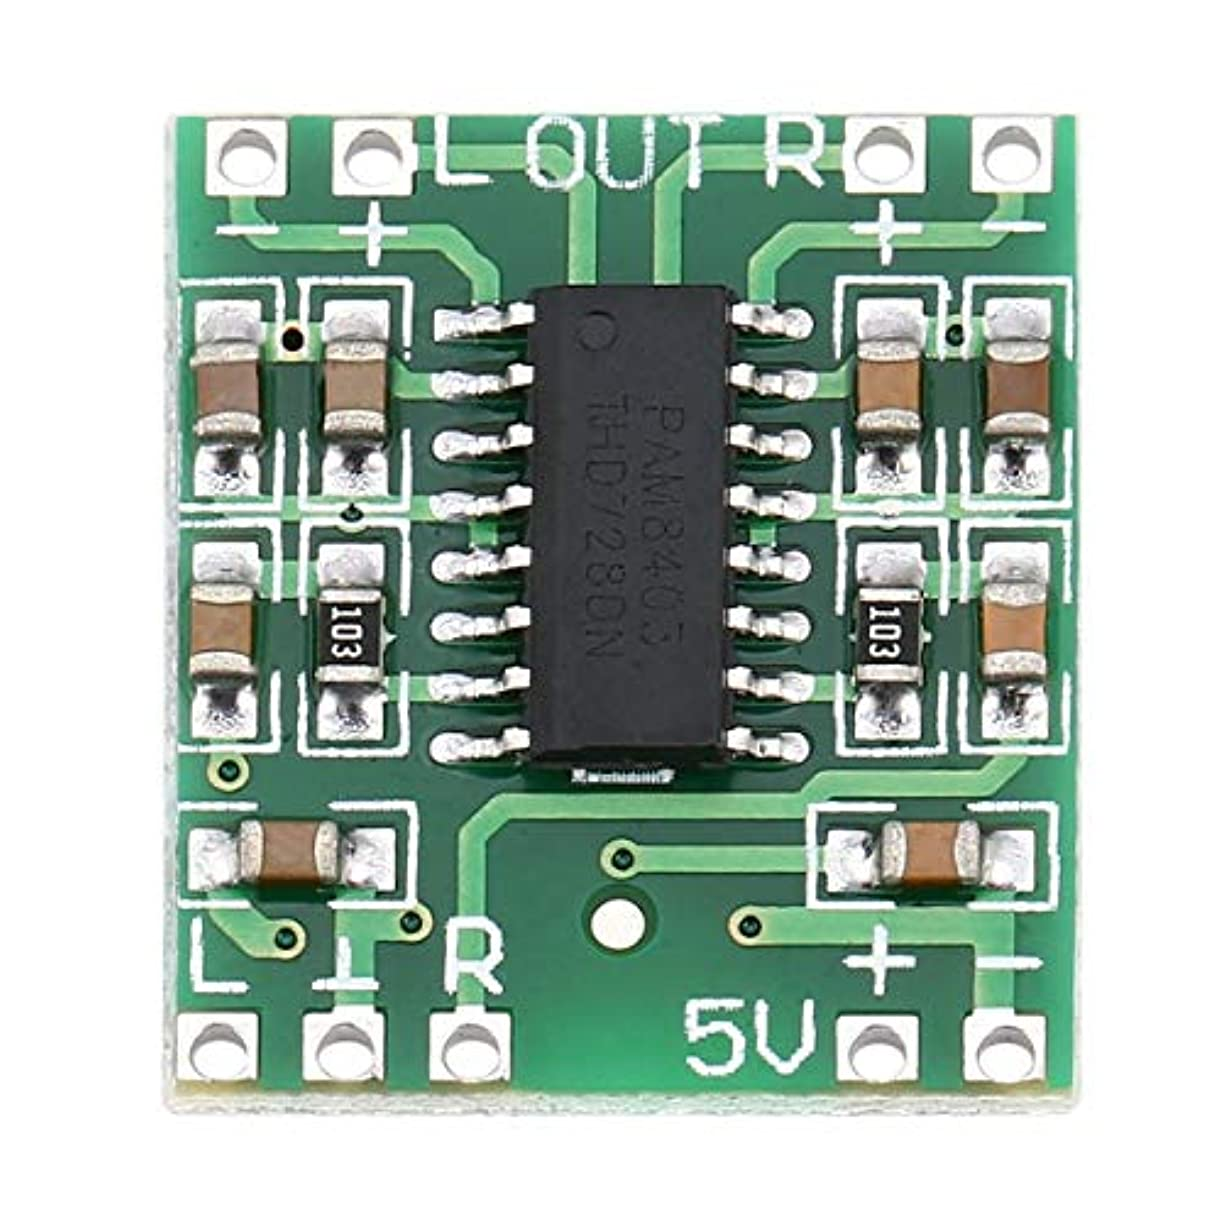 あたりカメラ推進Blackfell 2チャンネル3Wデジタル電源PAM8403 D級オーディオモジュールアンプボードUSB DC 5VミニD級デジタルアンプボードLCD